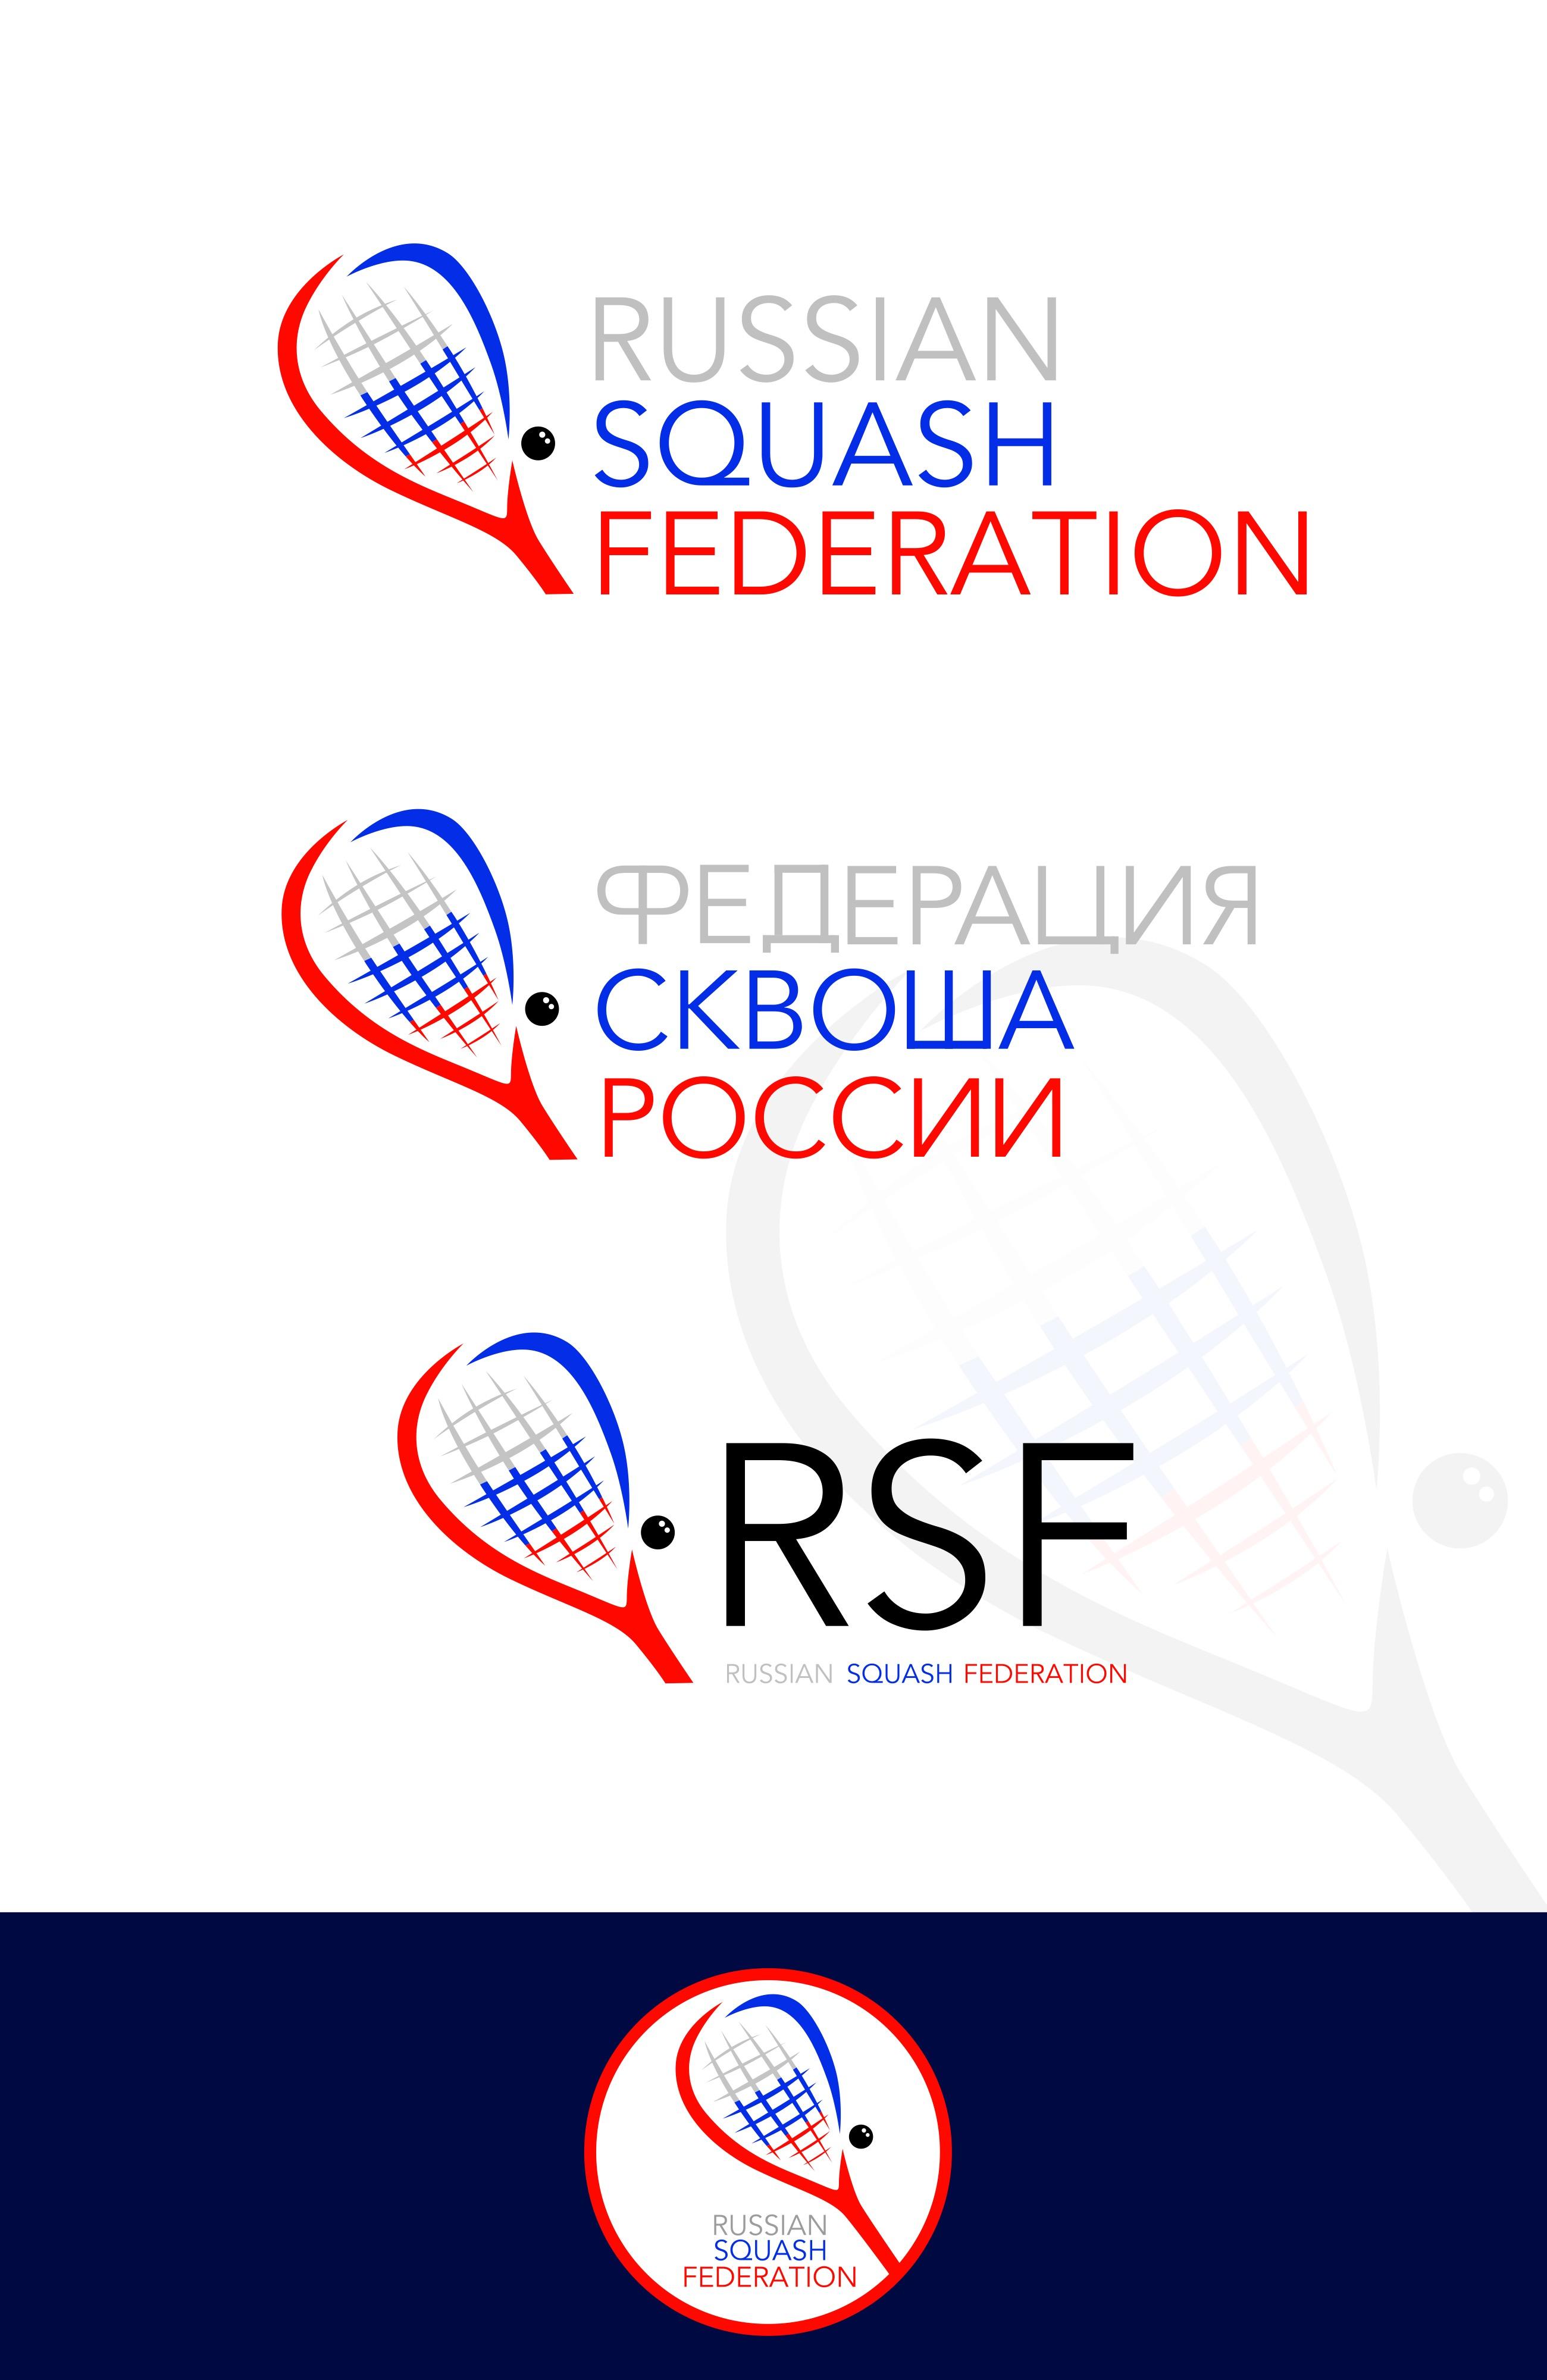 Разработать логотип для Федерации сквоша России фото f_2315f399cd0d4fb8.jpg